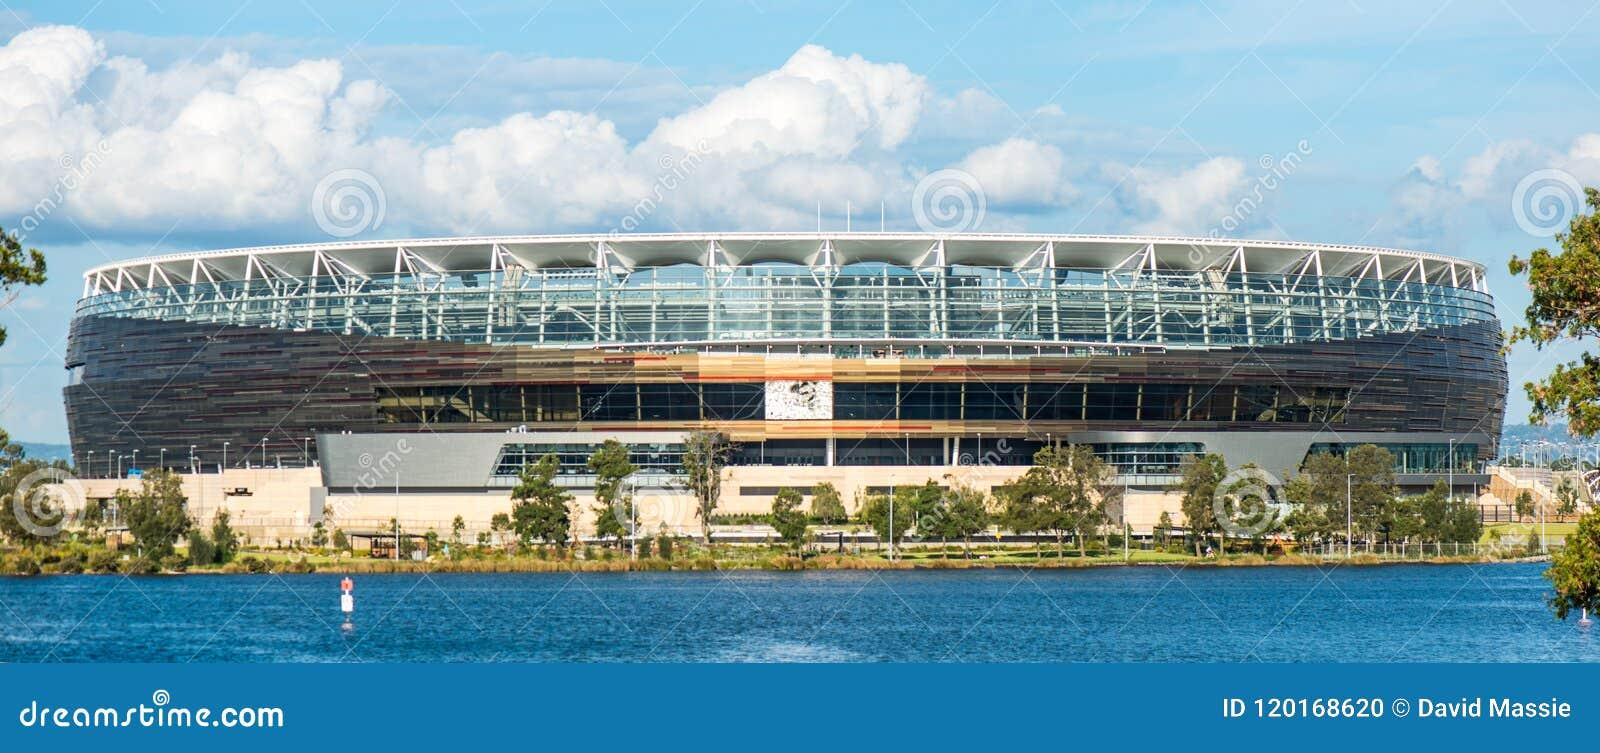 Nuevo estadio de fútbol en australiano occidental